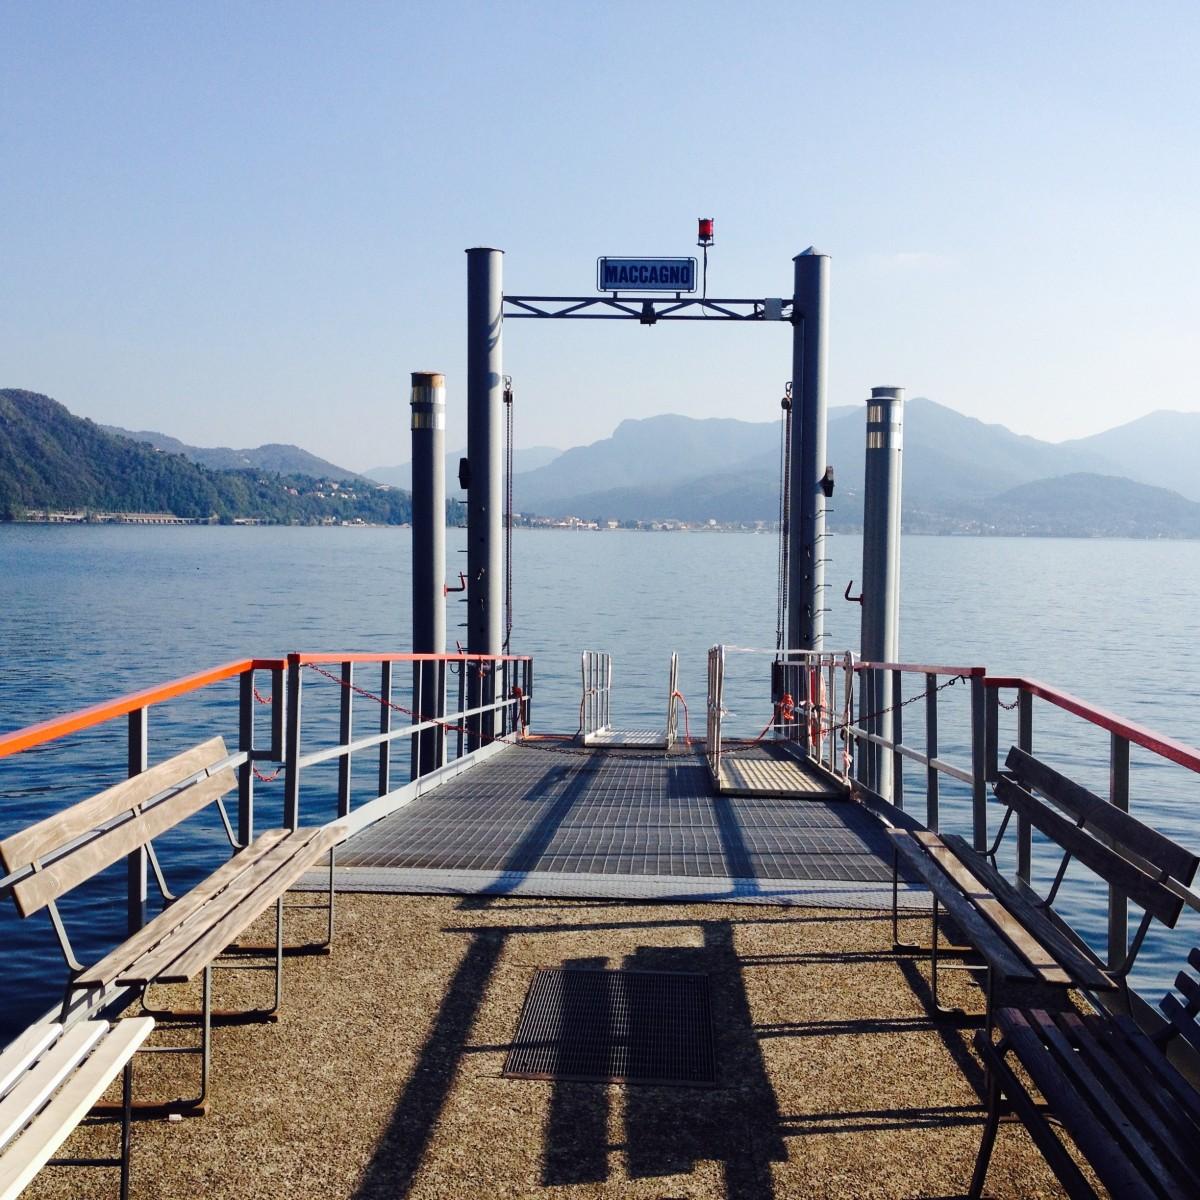 Uns gefällt vor Allem die italienische Seite des Lago Maggiore: Hier der Bootsanlegesteg von Maccagno.